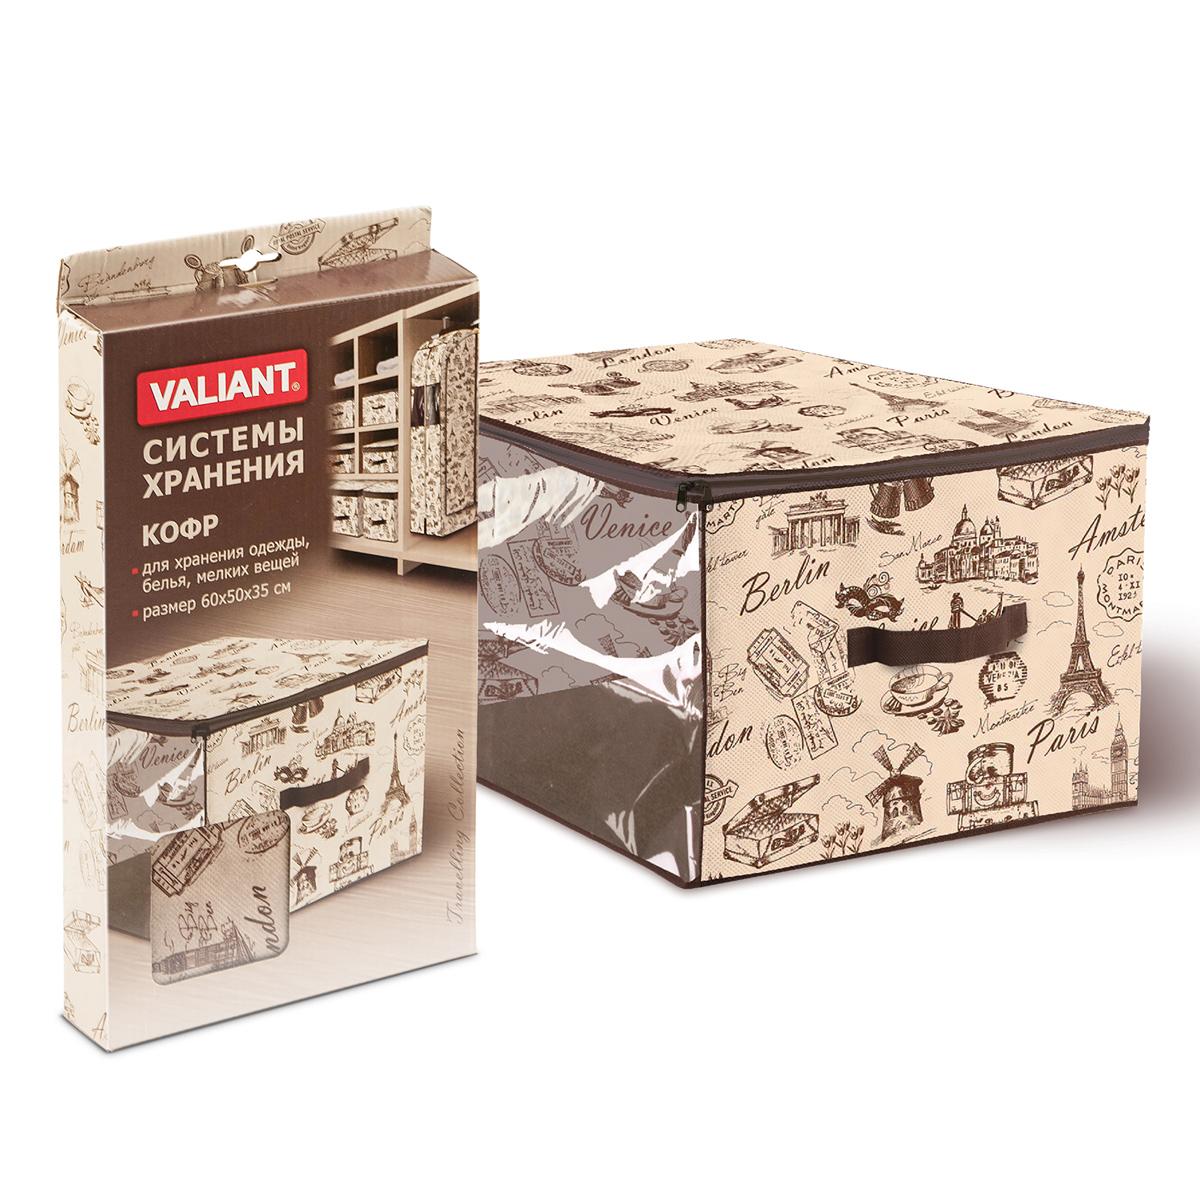 Кофр для хранения Valiant Travelling, 60 см х 50 см х 35 см valiant кофр для хранения жёсткий малый travelling